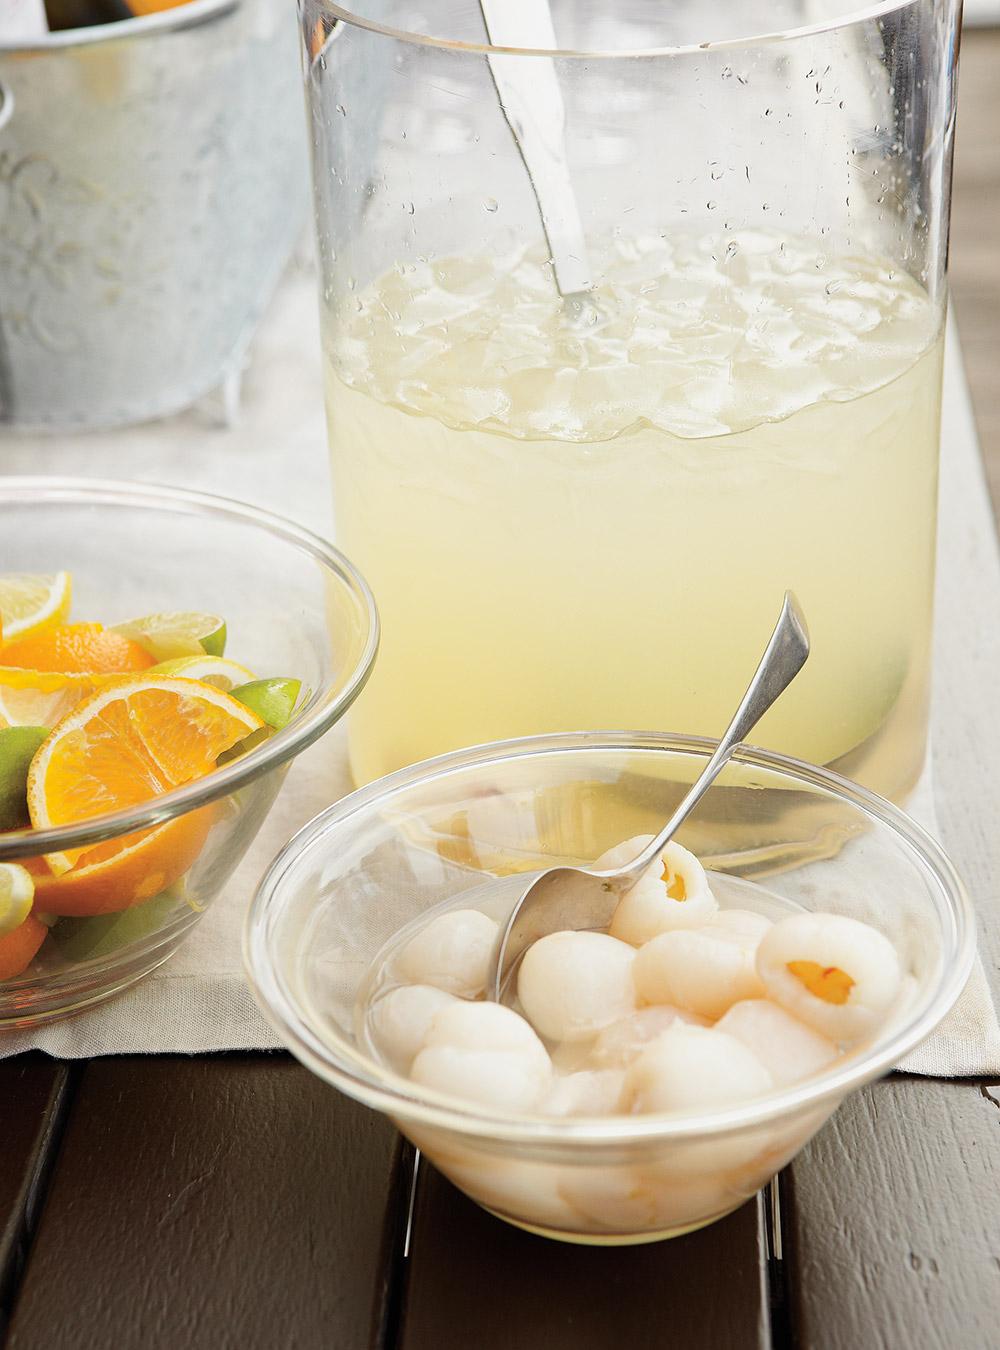 Cocktail de limonade, litchis et noix de coco | ricardo